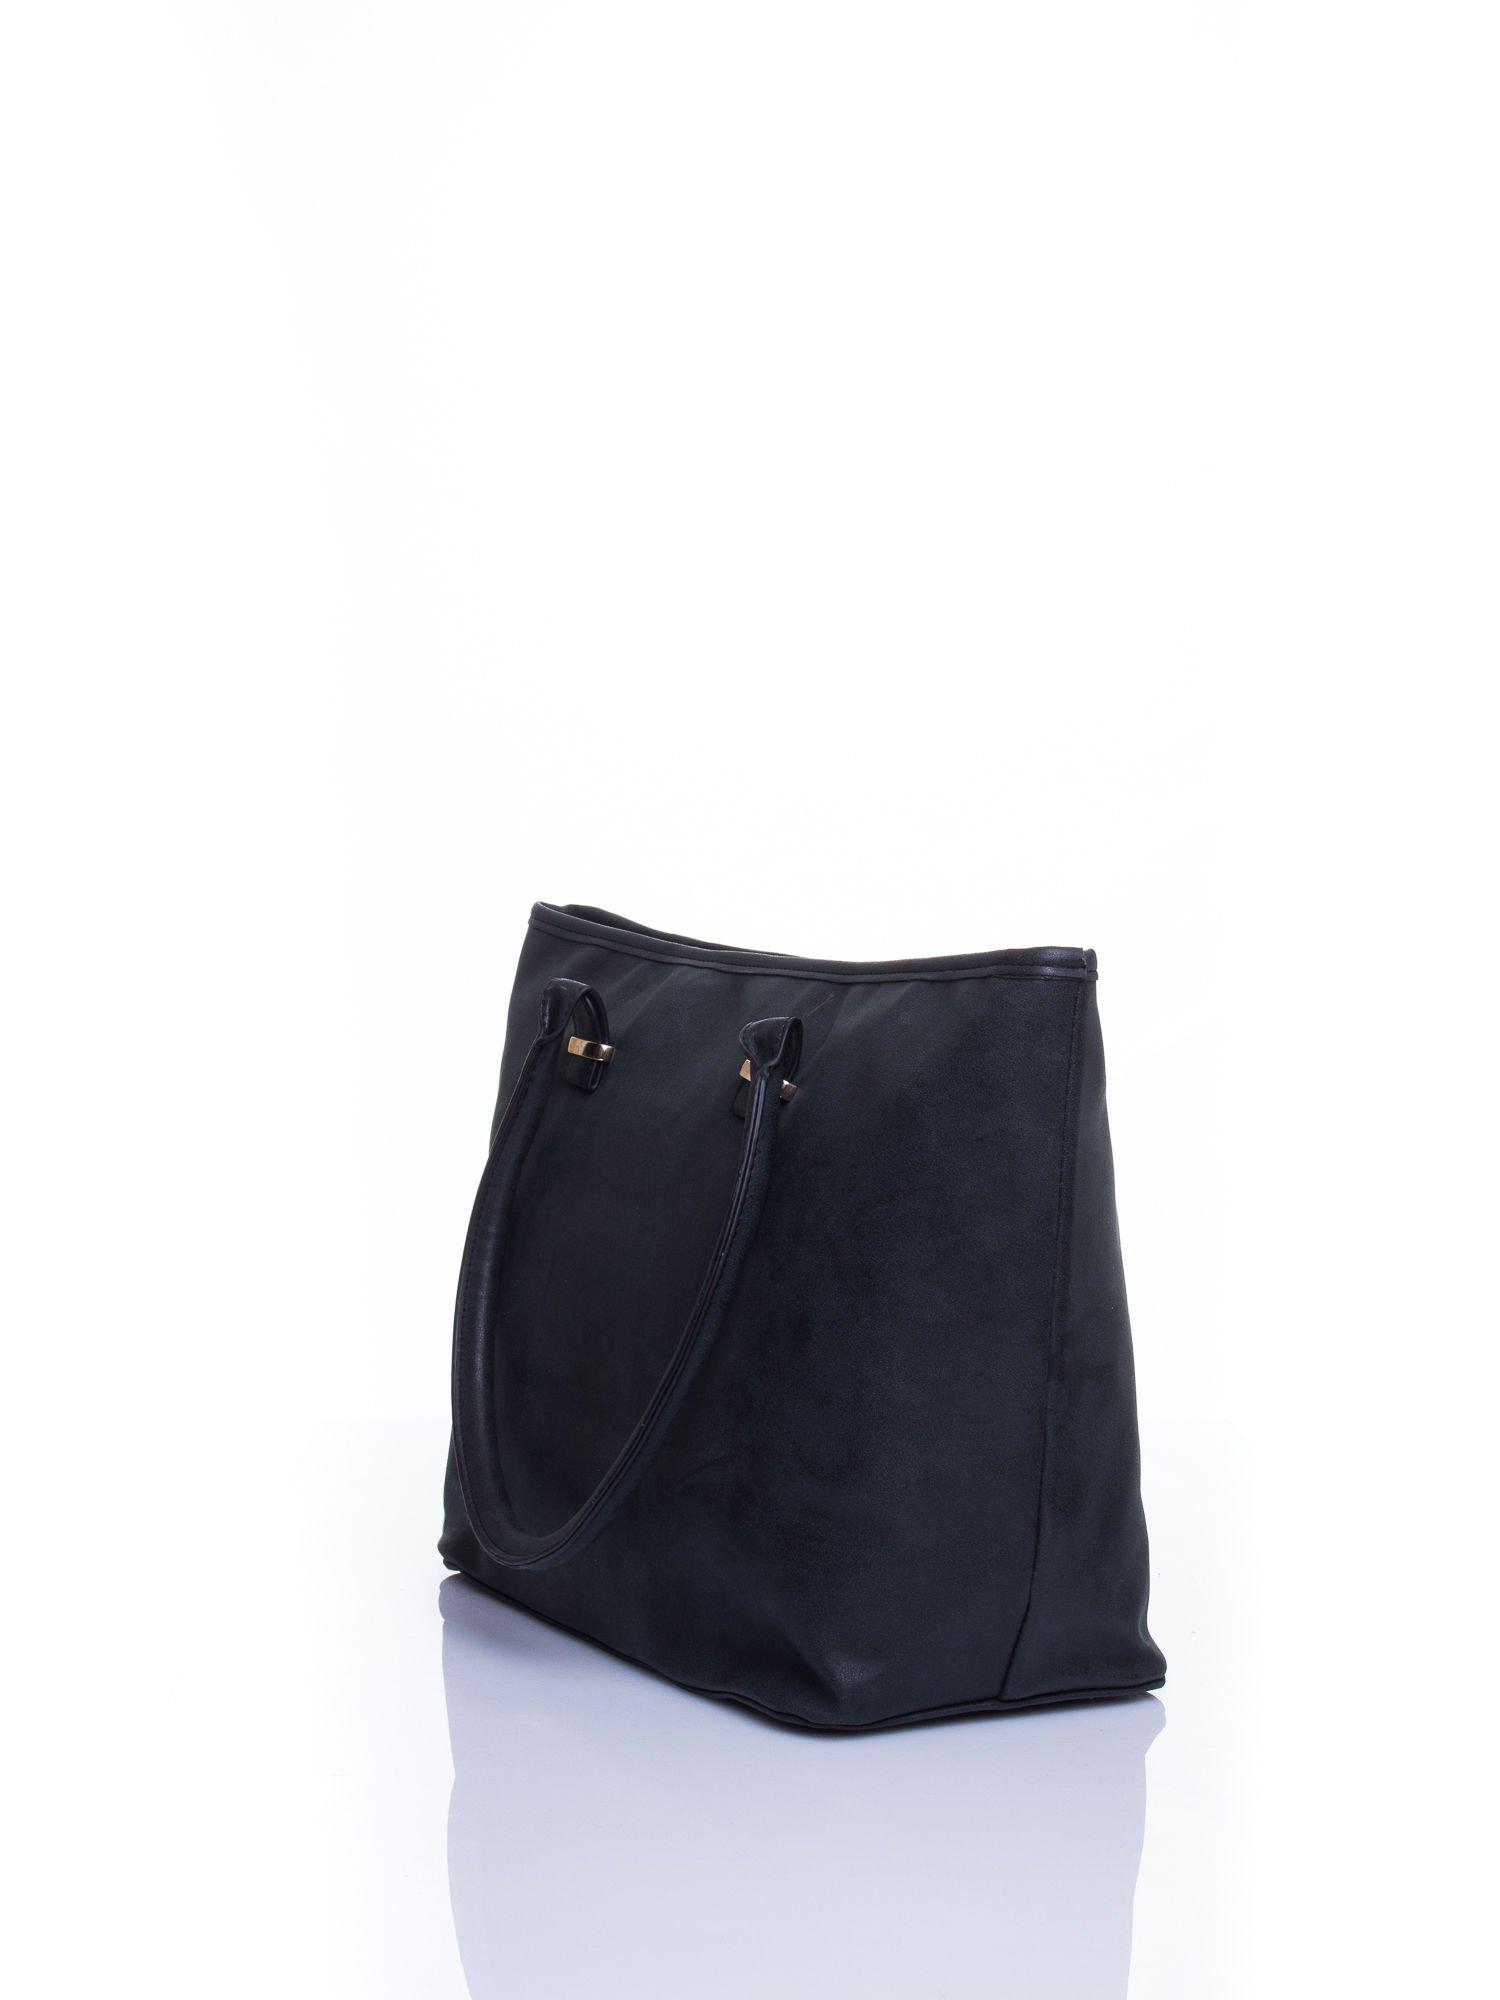 Czarna miękka torba shopper bag                                  zdj.                                  4